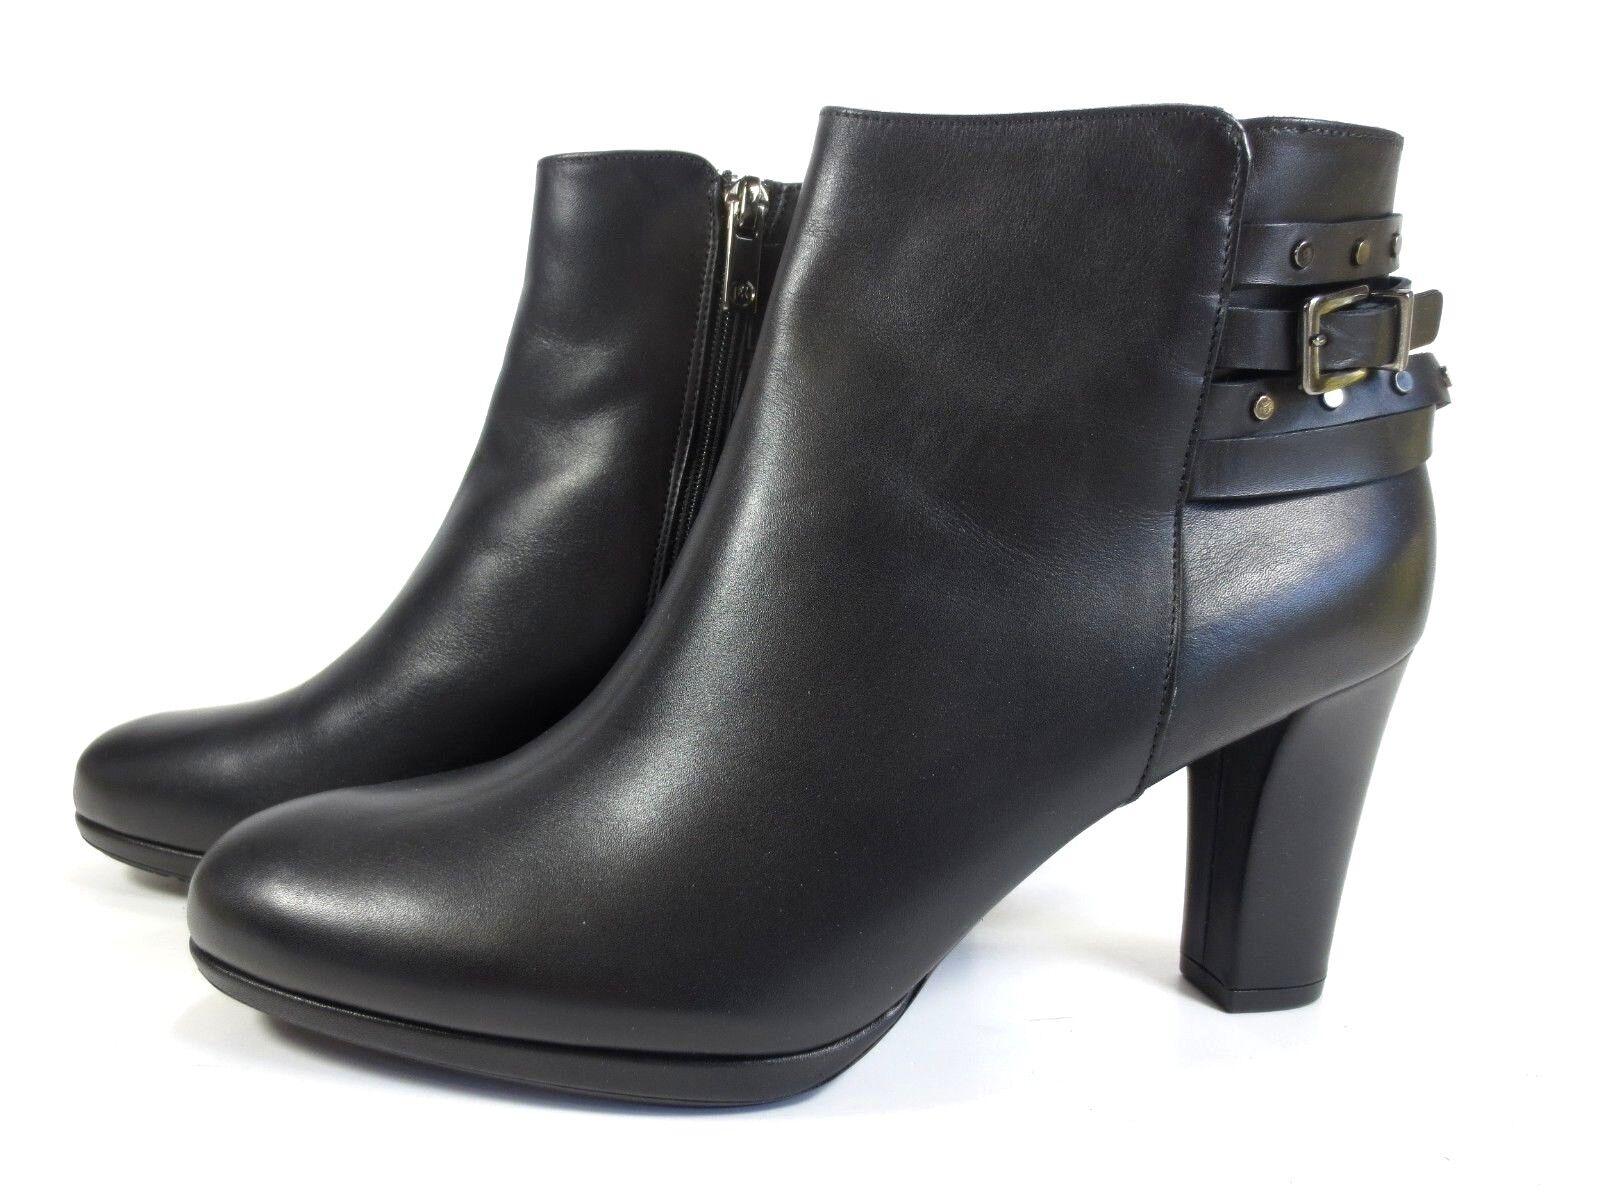 Peter emperador fino cuero zapatos botines botines botines botas negro nuevo  Nuevos productos de artículos novedosos.